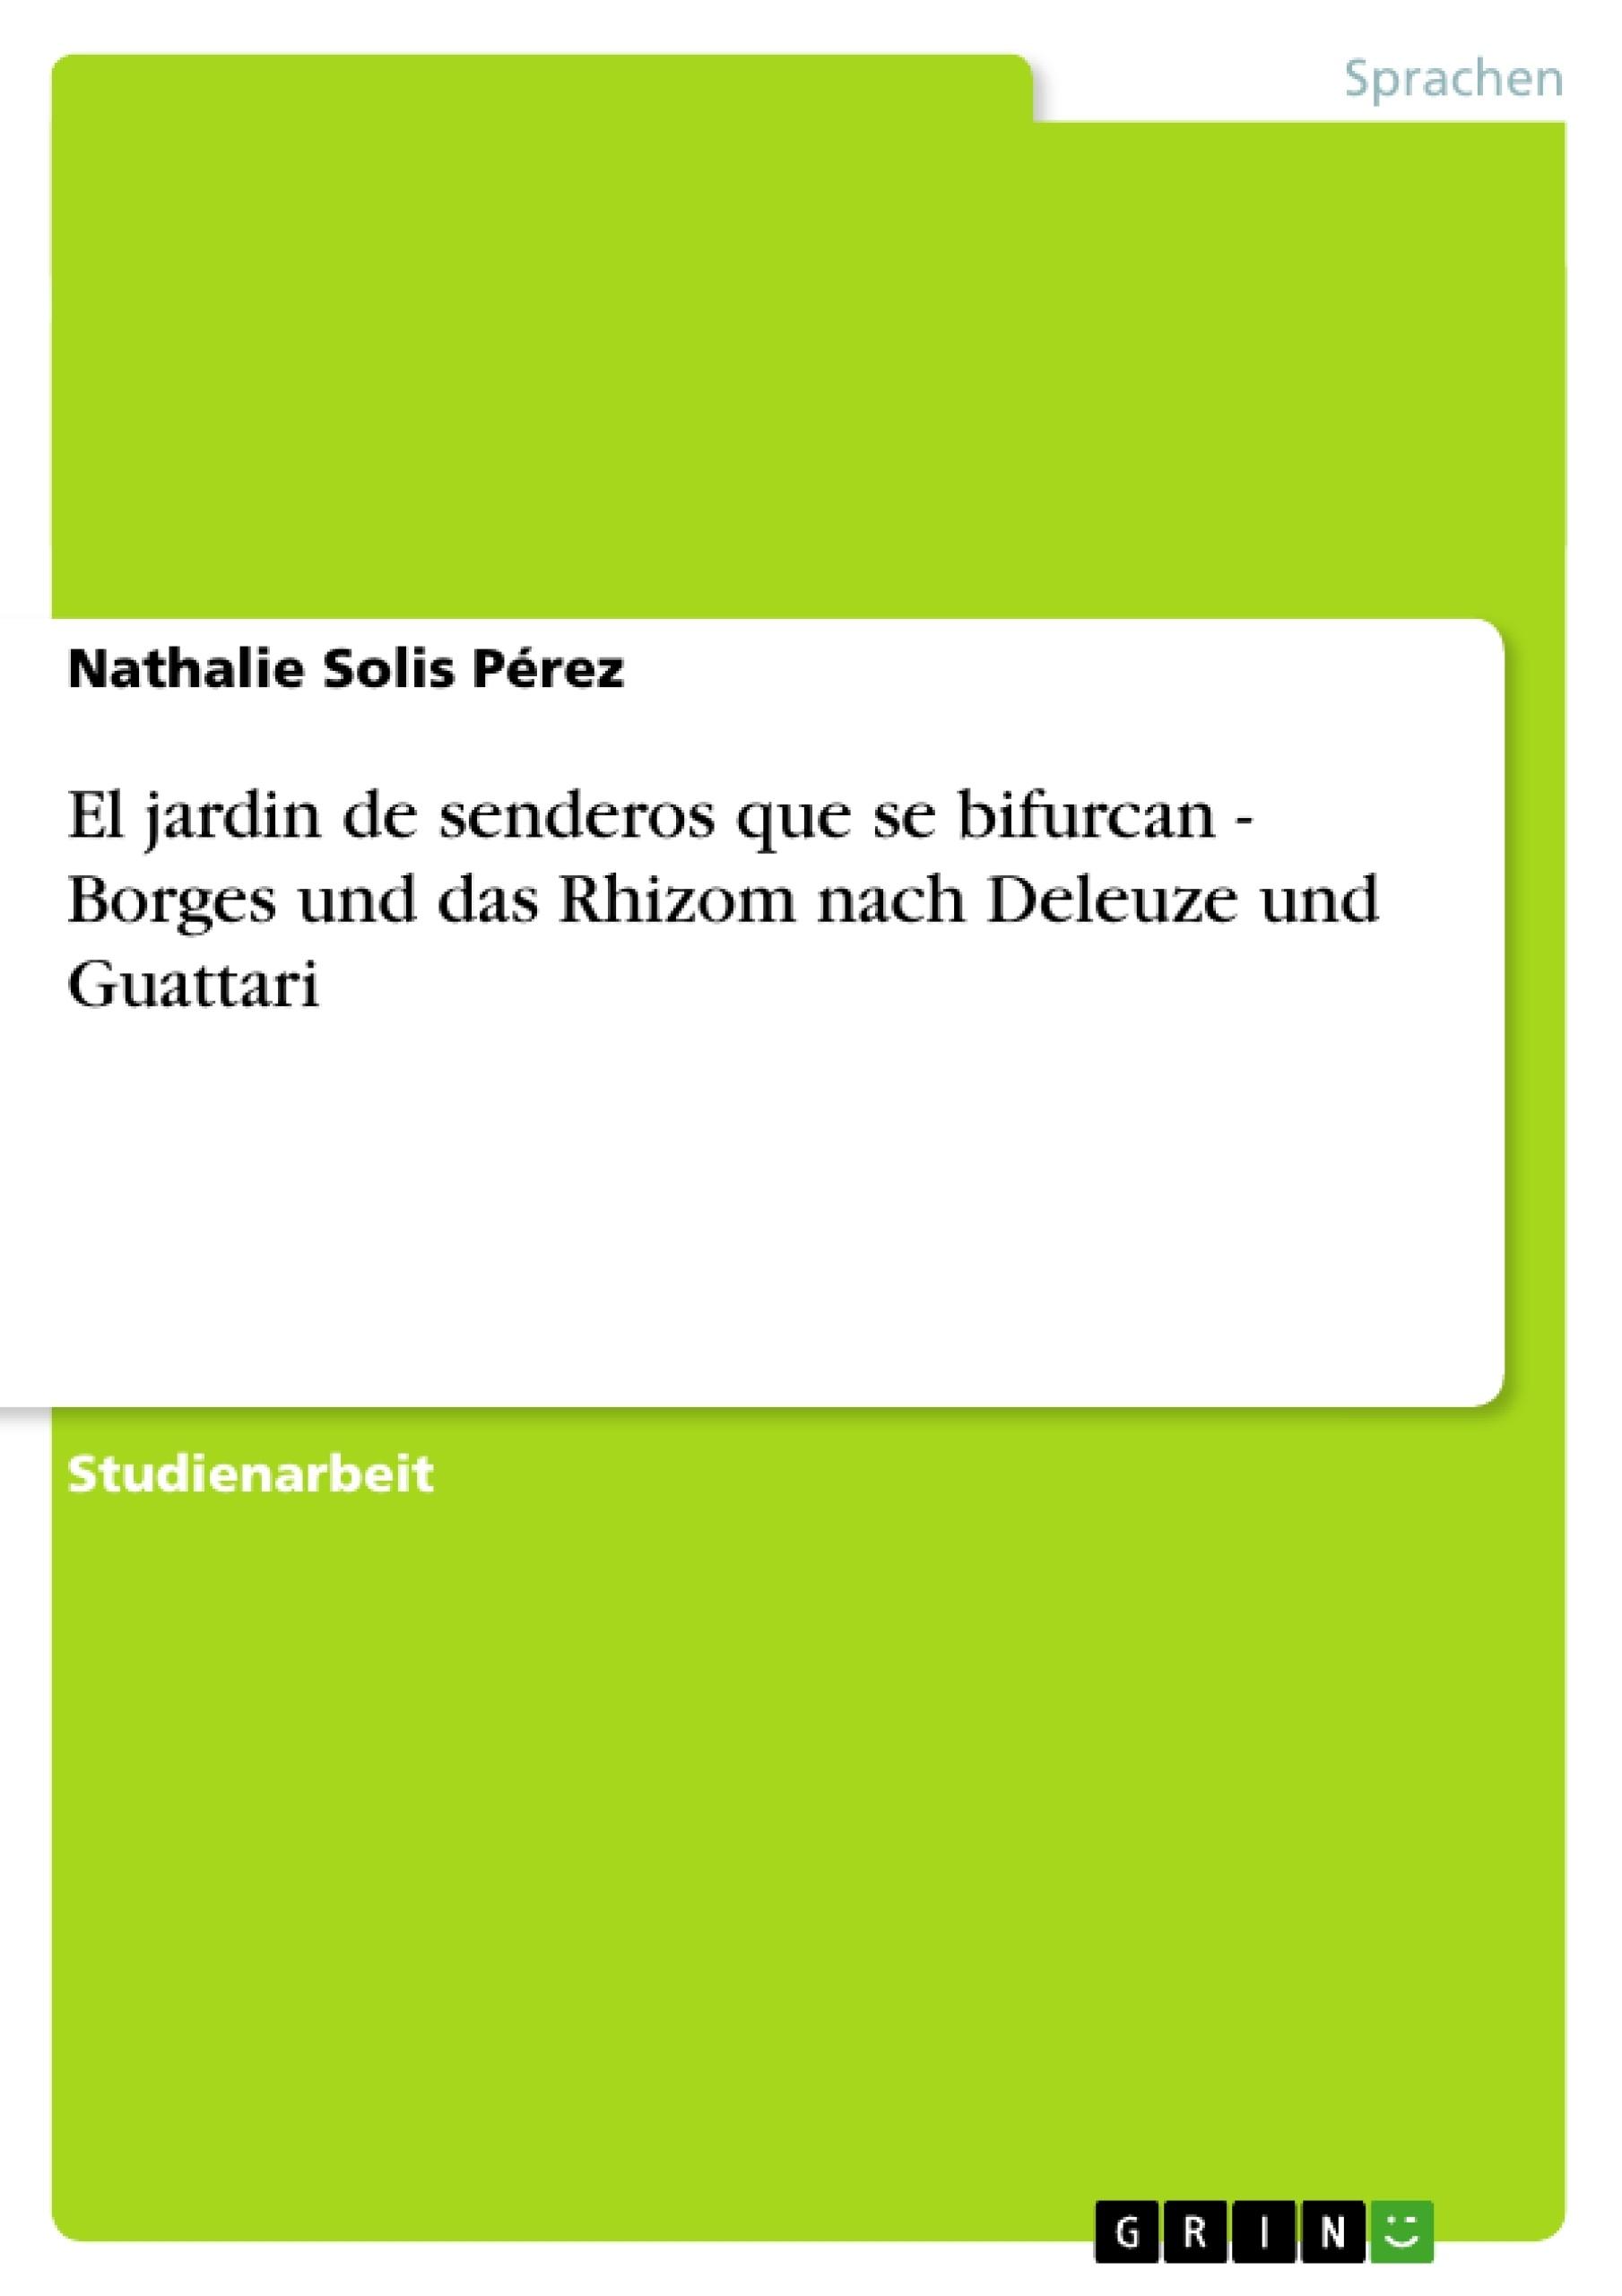 Titel: El jardin de senderos que se bifurcan - Borges und das Rhizom nach Deleuze und Guattari